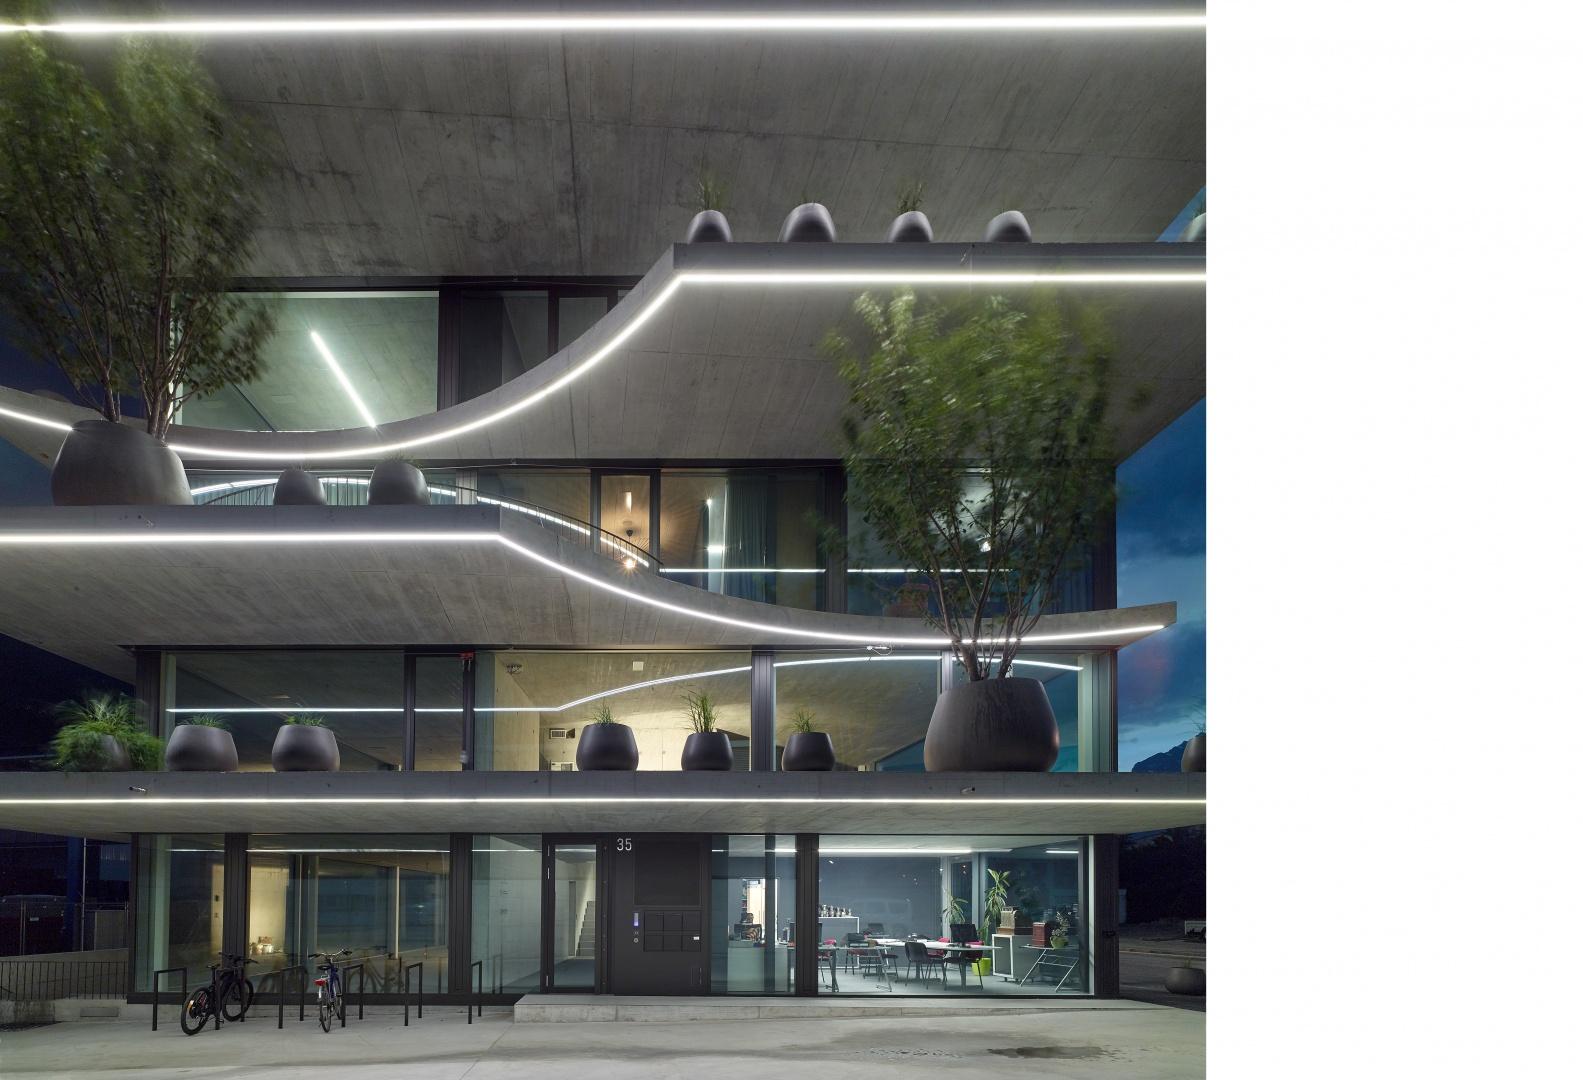 immeuble ronquos 35 est nuit © thomas jantscher